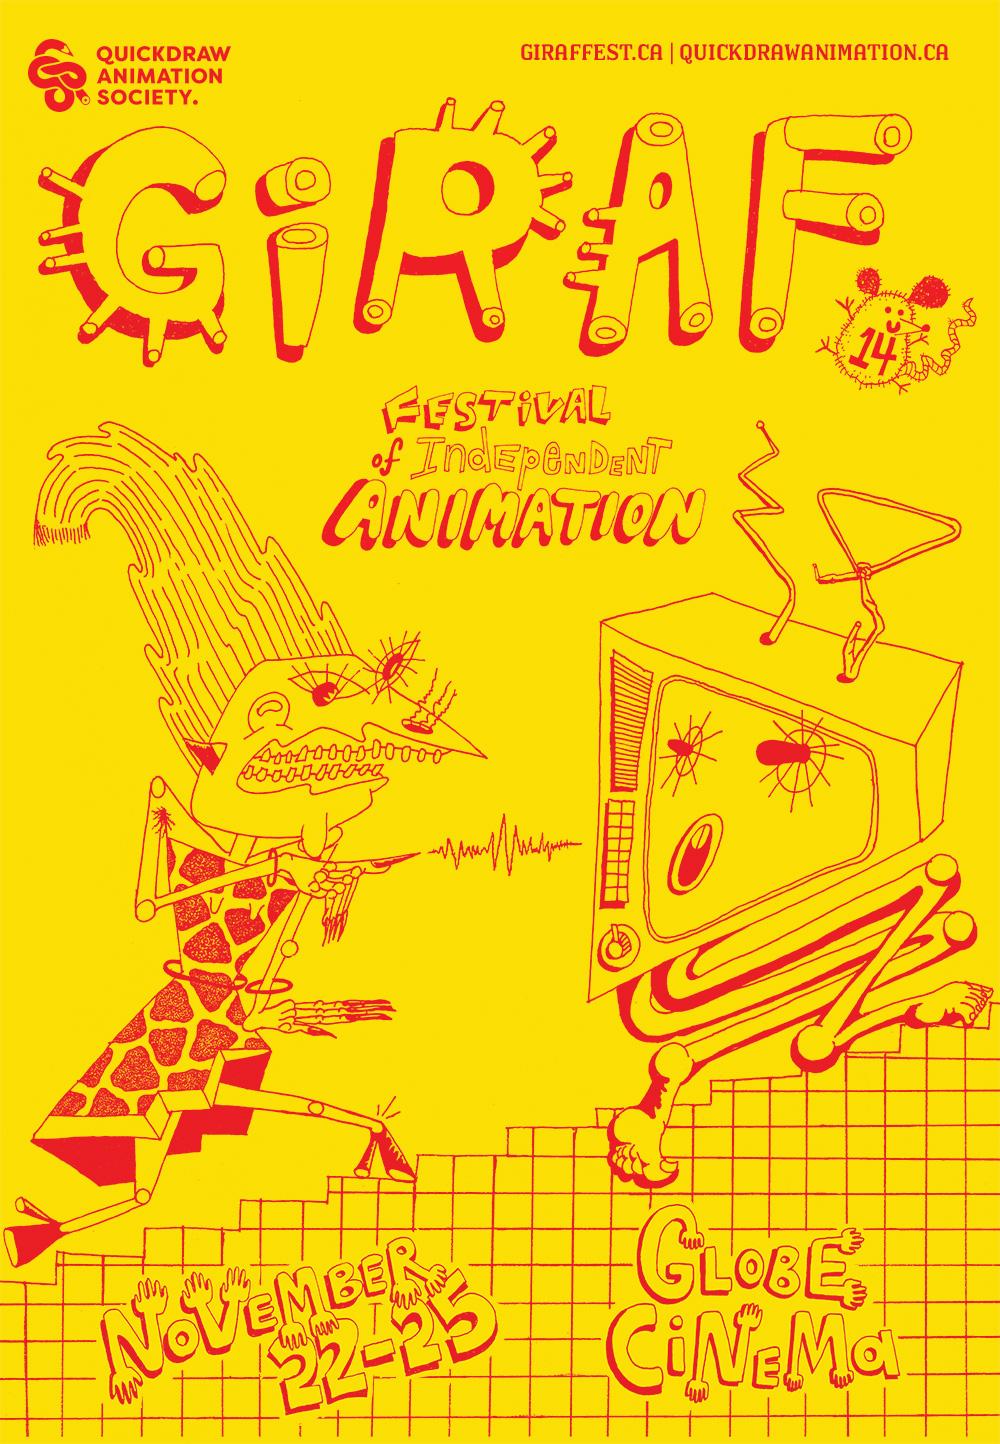 GIRAF 2018 poster by Arielle McCuaig